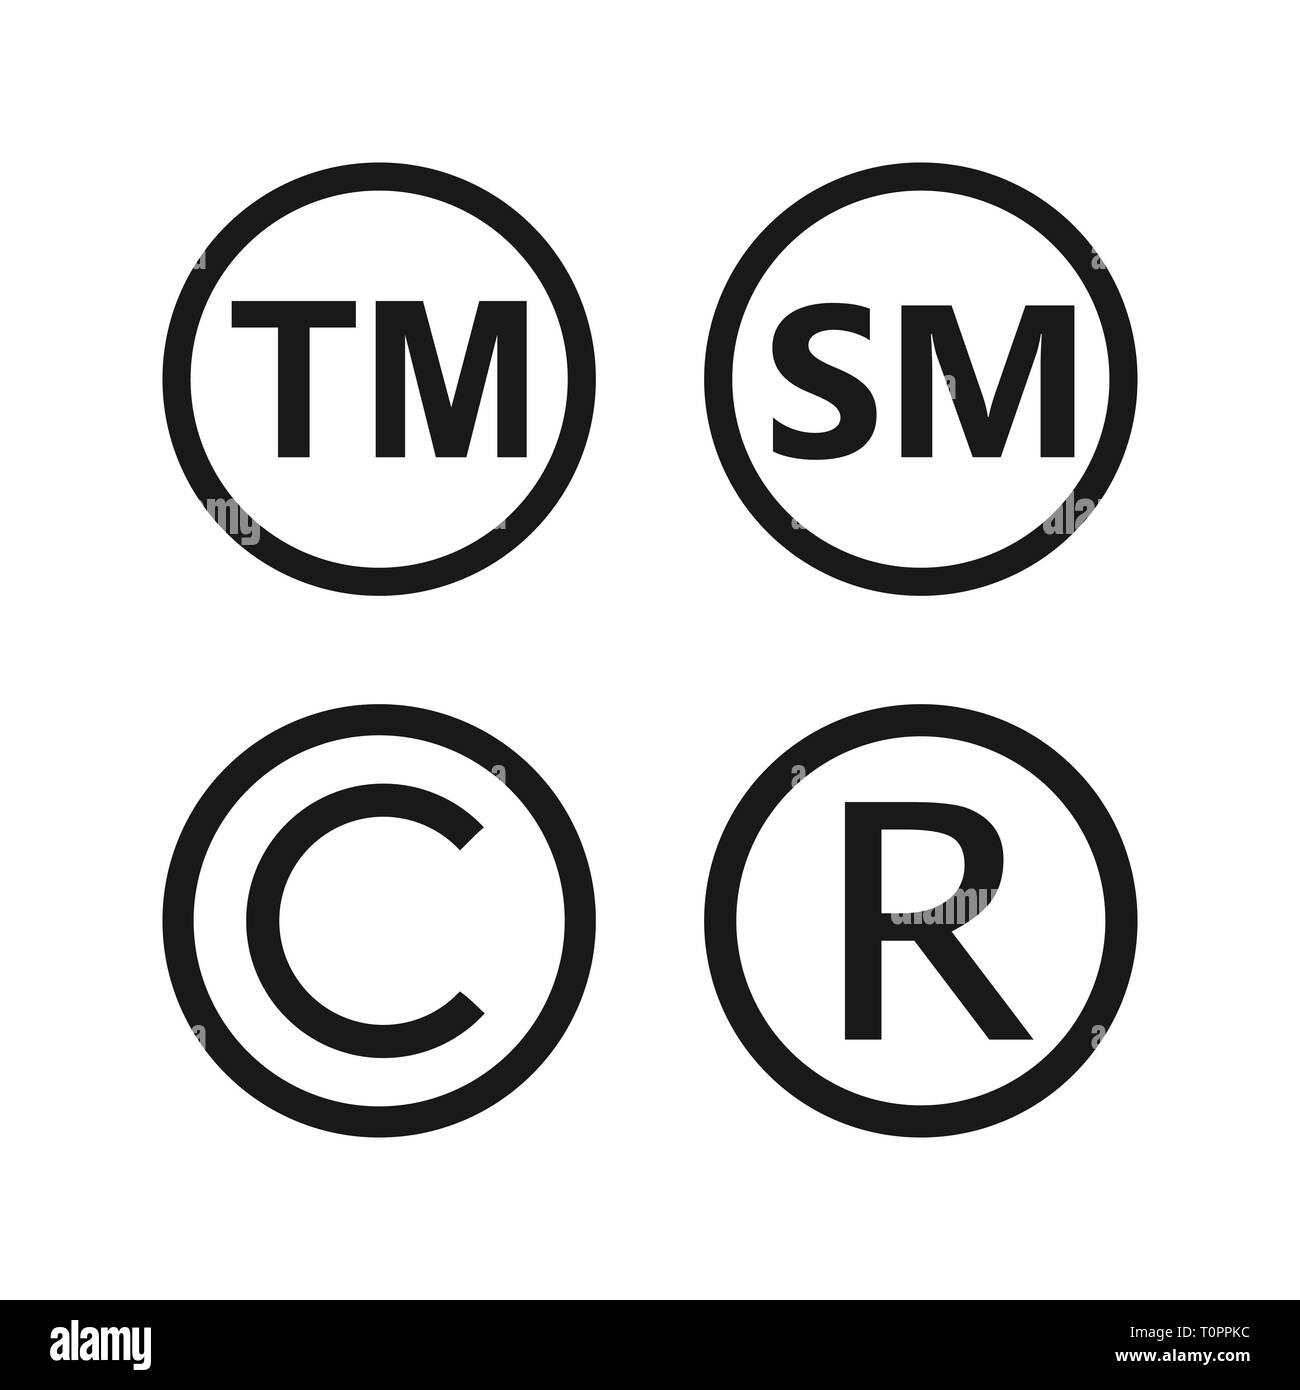 Copyright, registered trademark, smartmark icons set Vector illustartion Stock Vector